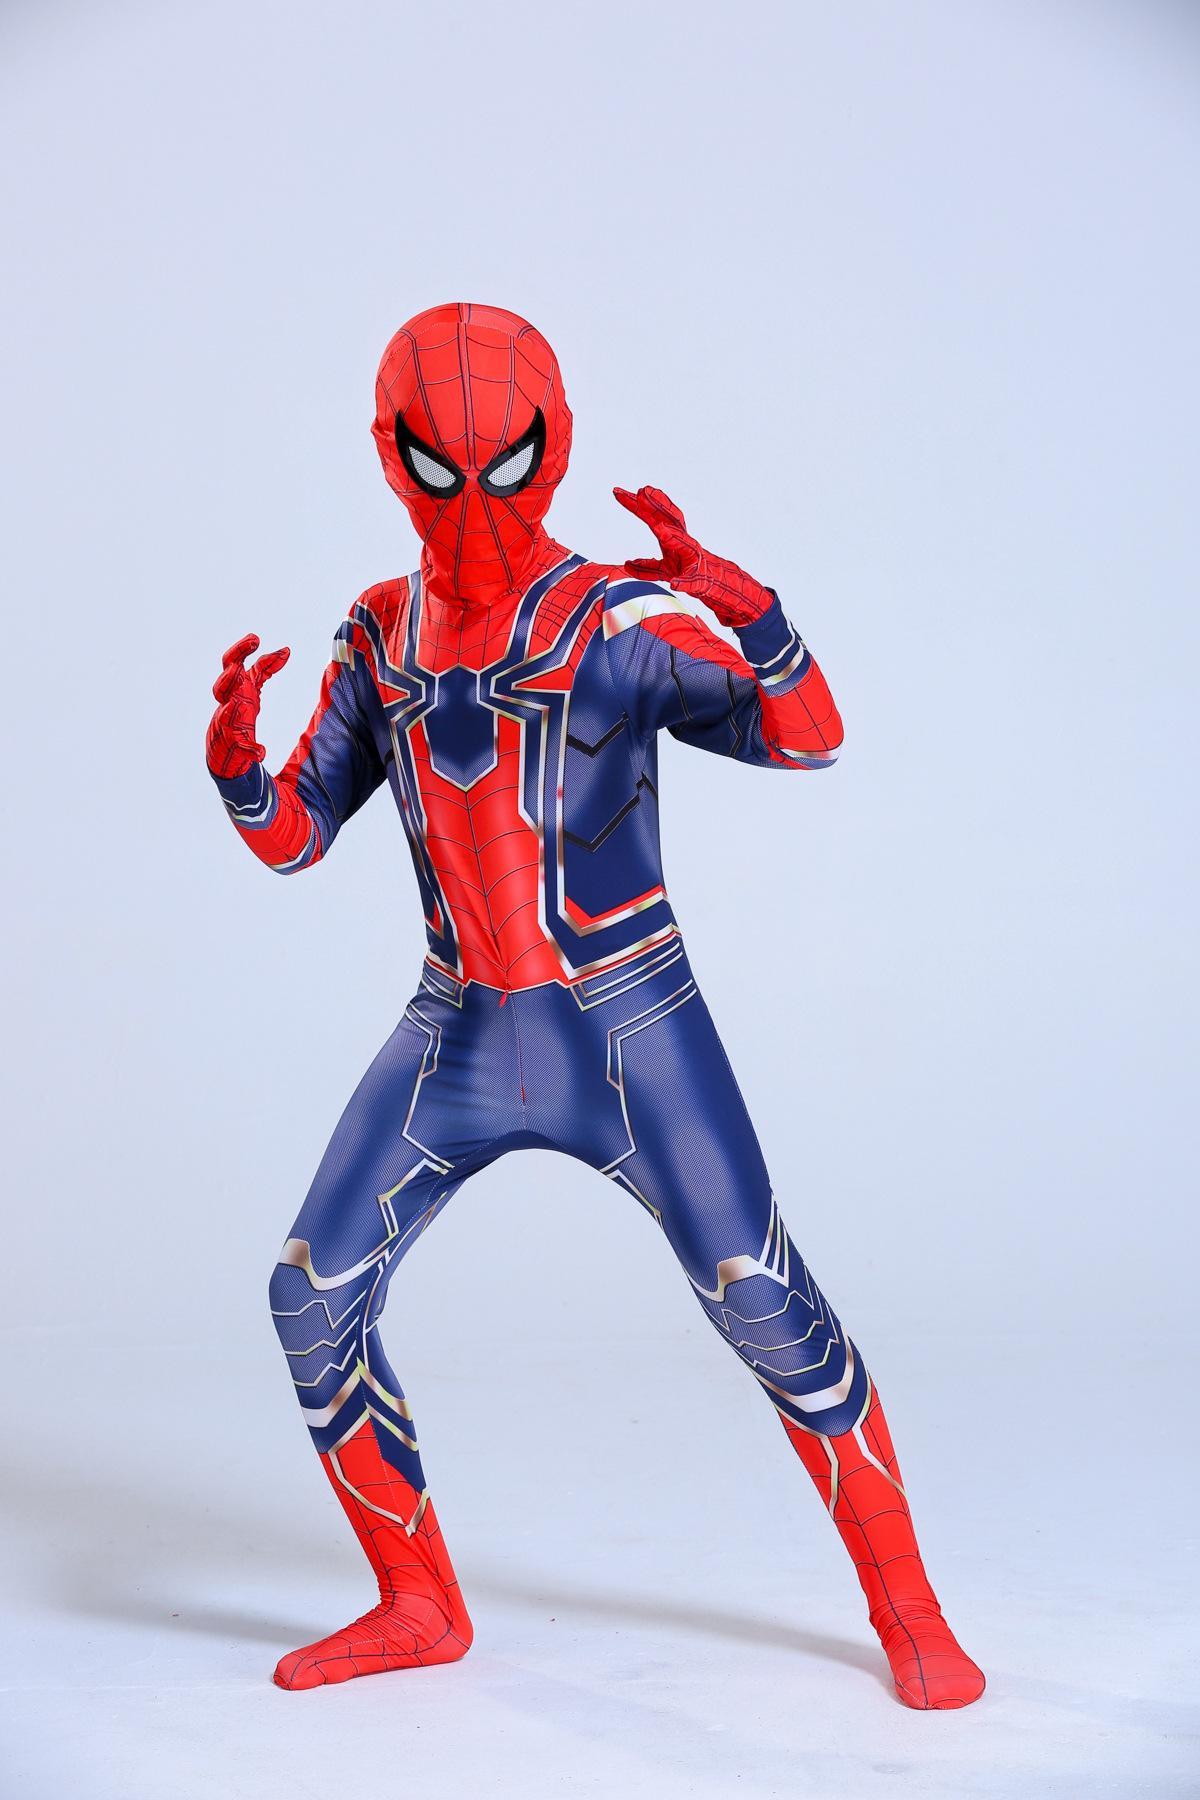 Set Bộ Quần Áo Người Nhện Spider Man Siêu cấp cho Bé Trai Nhật Bản